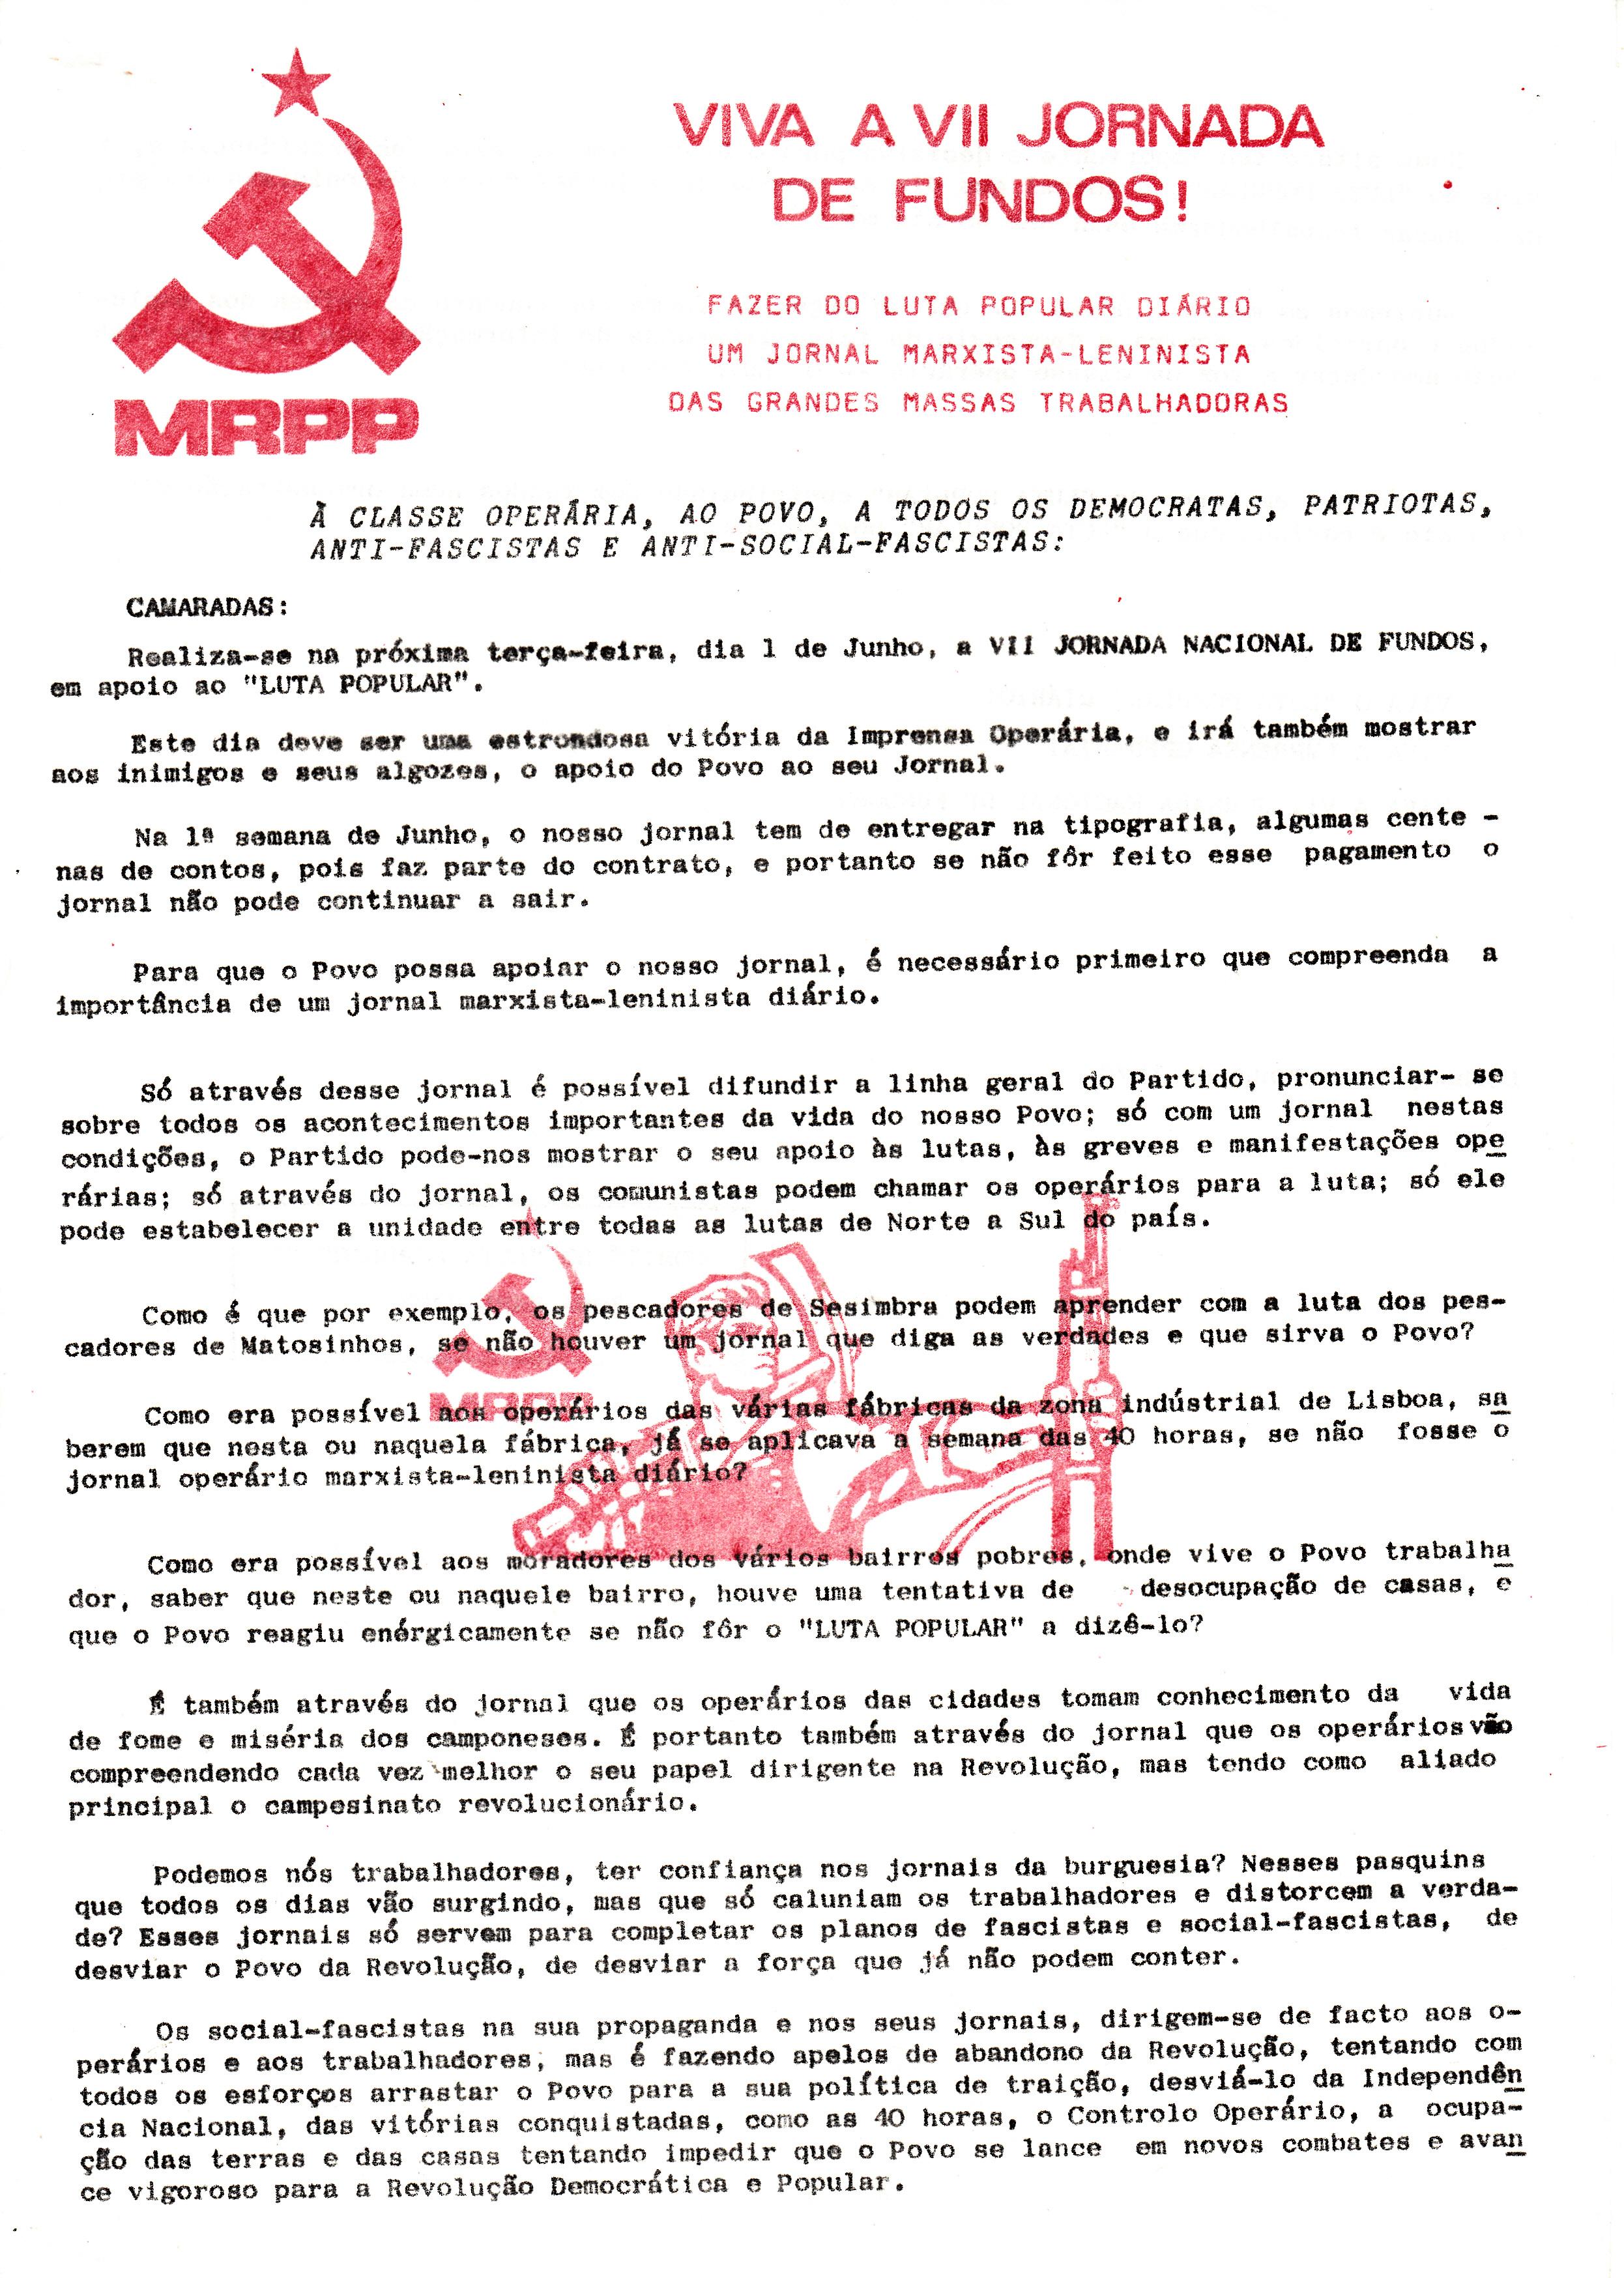 MRPP_1976_06_01_0001